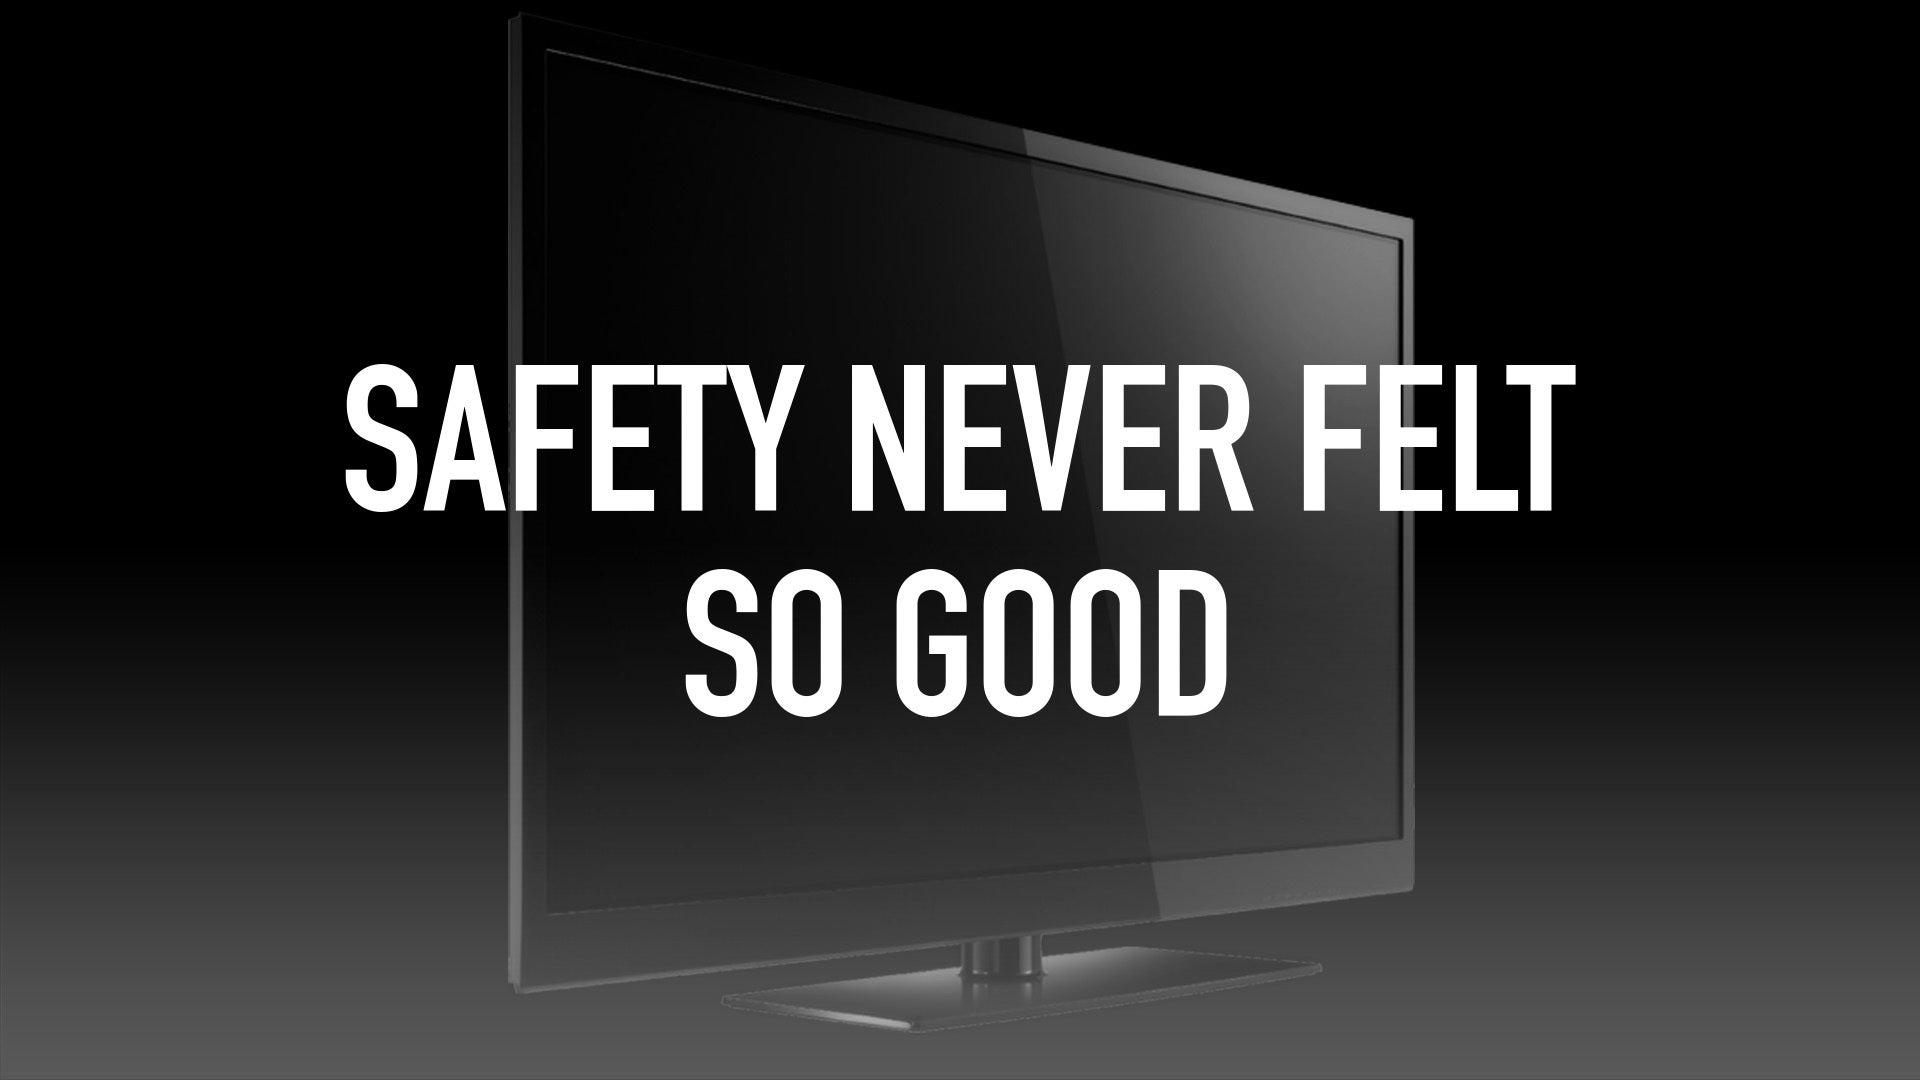 Safety Never Felt so Good